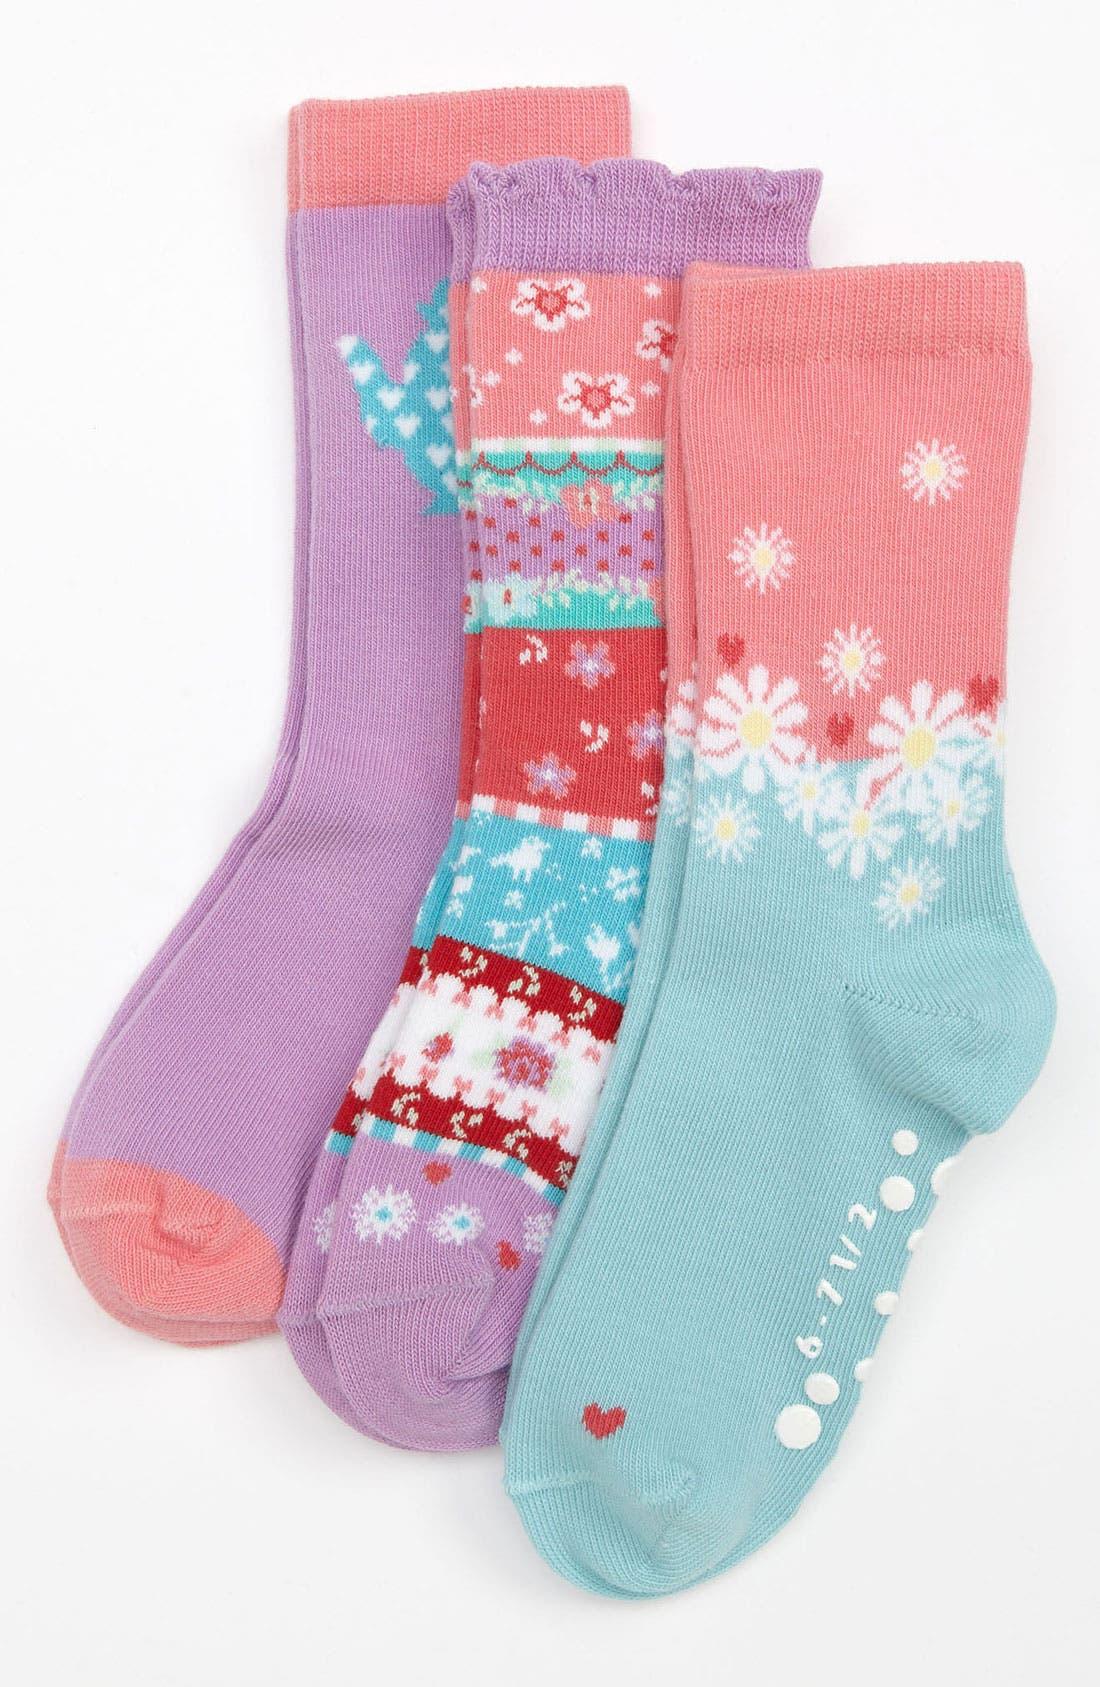 Alternate Image 1 Selected - Nordstrom 'Cucumber Sandwich' Crew Socks (3-Pack) (Toddler & Little Girls)